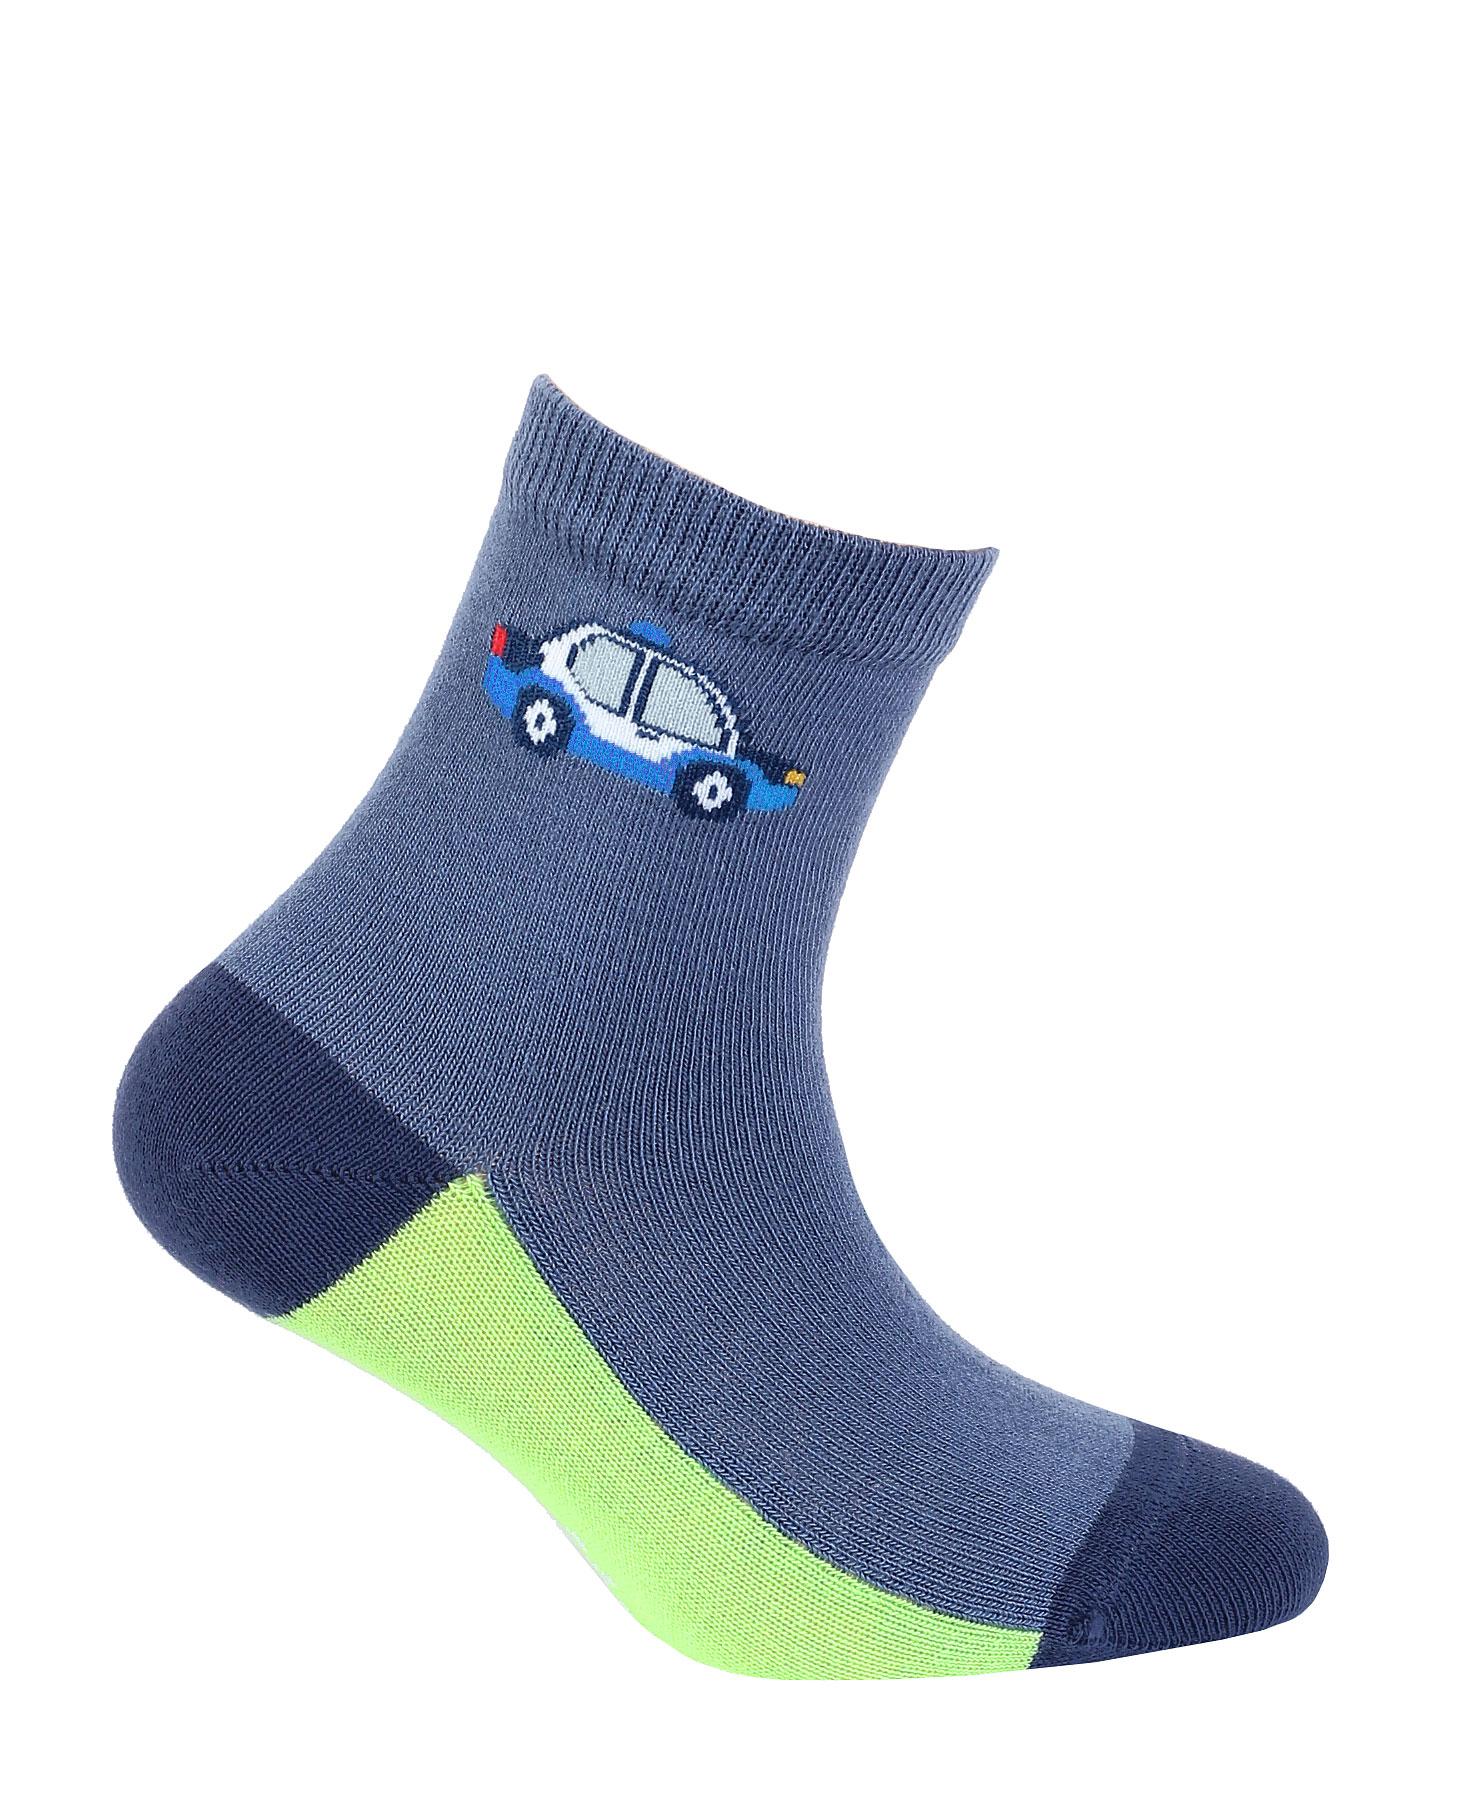 dětské ponožky vzor GATTA AUTO S MAJÁKEM modré 24-26